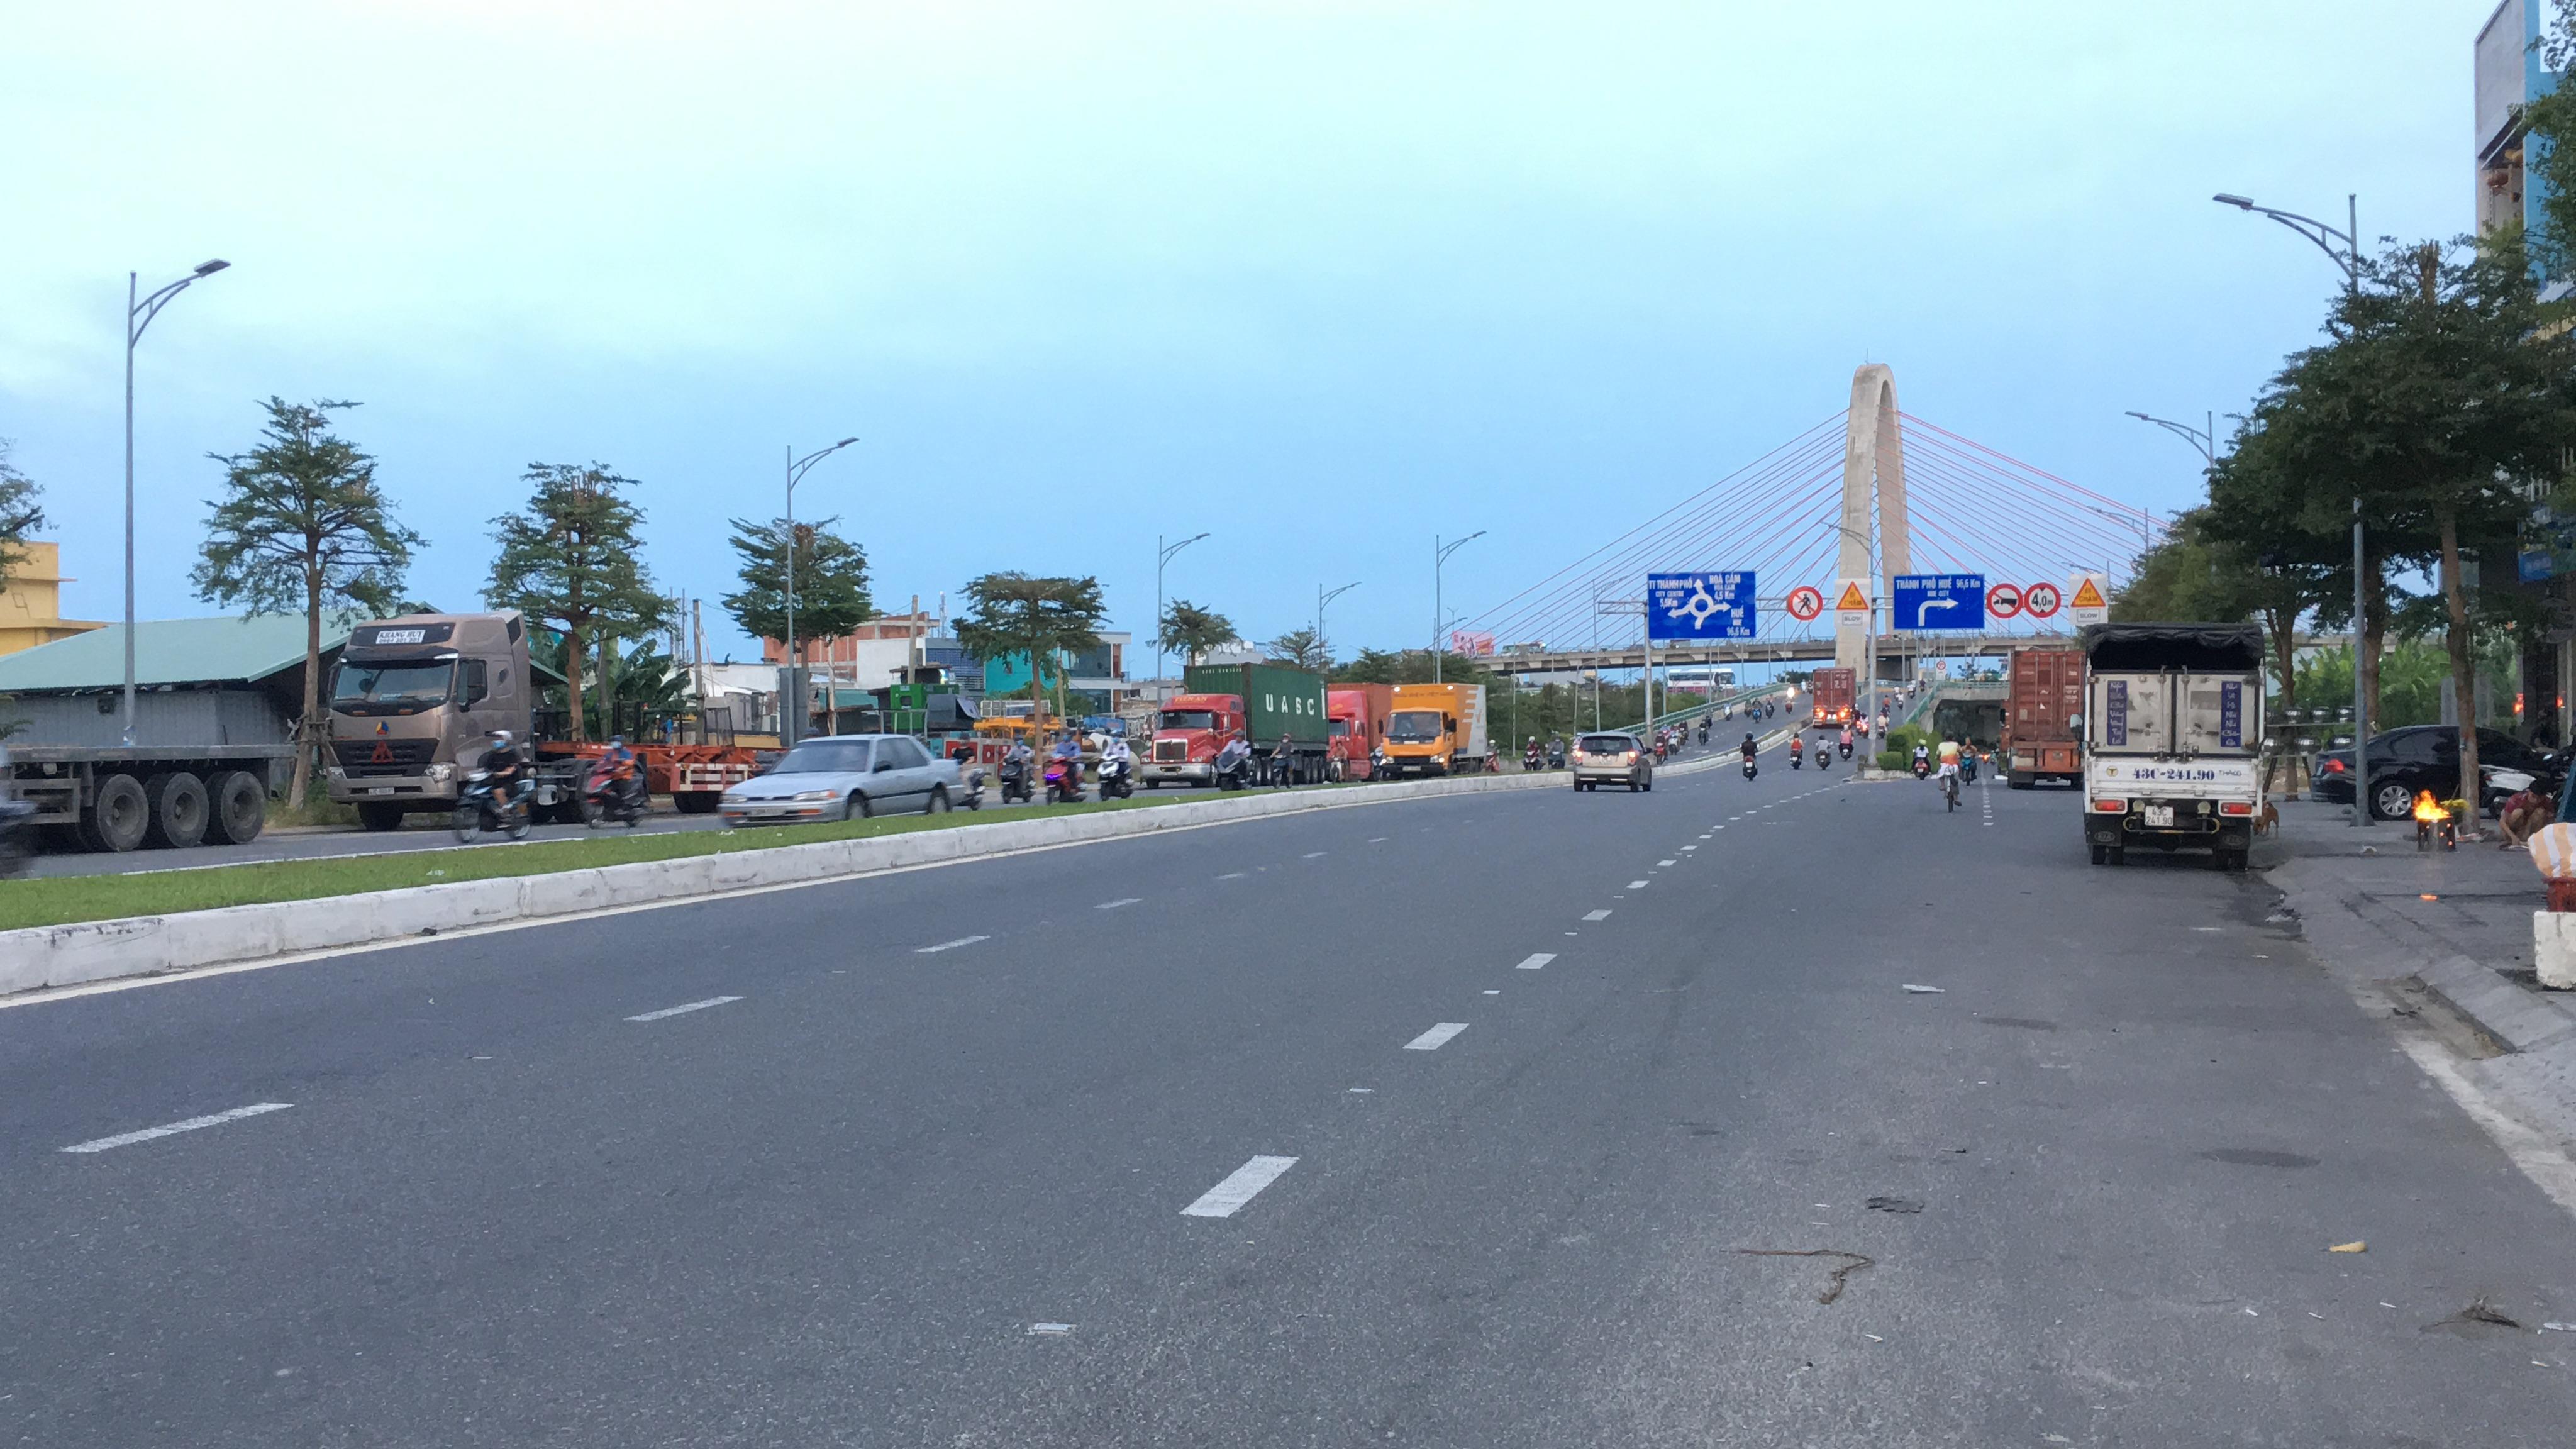 Tuyến đường trục 1 Tây Bắc đang mở theo qui hoạch ở quận Liên Chiểu, Đà Nẵng - Ảnh 3.